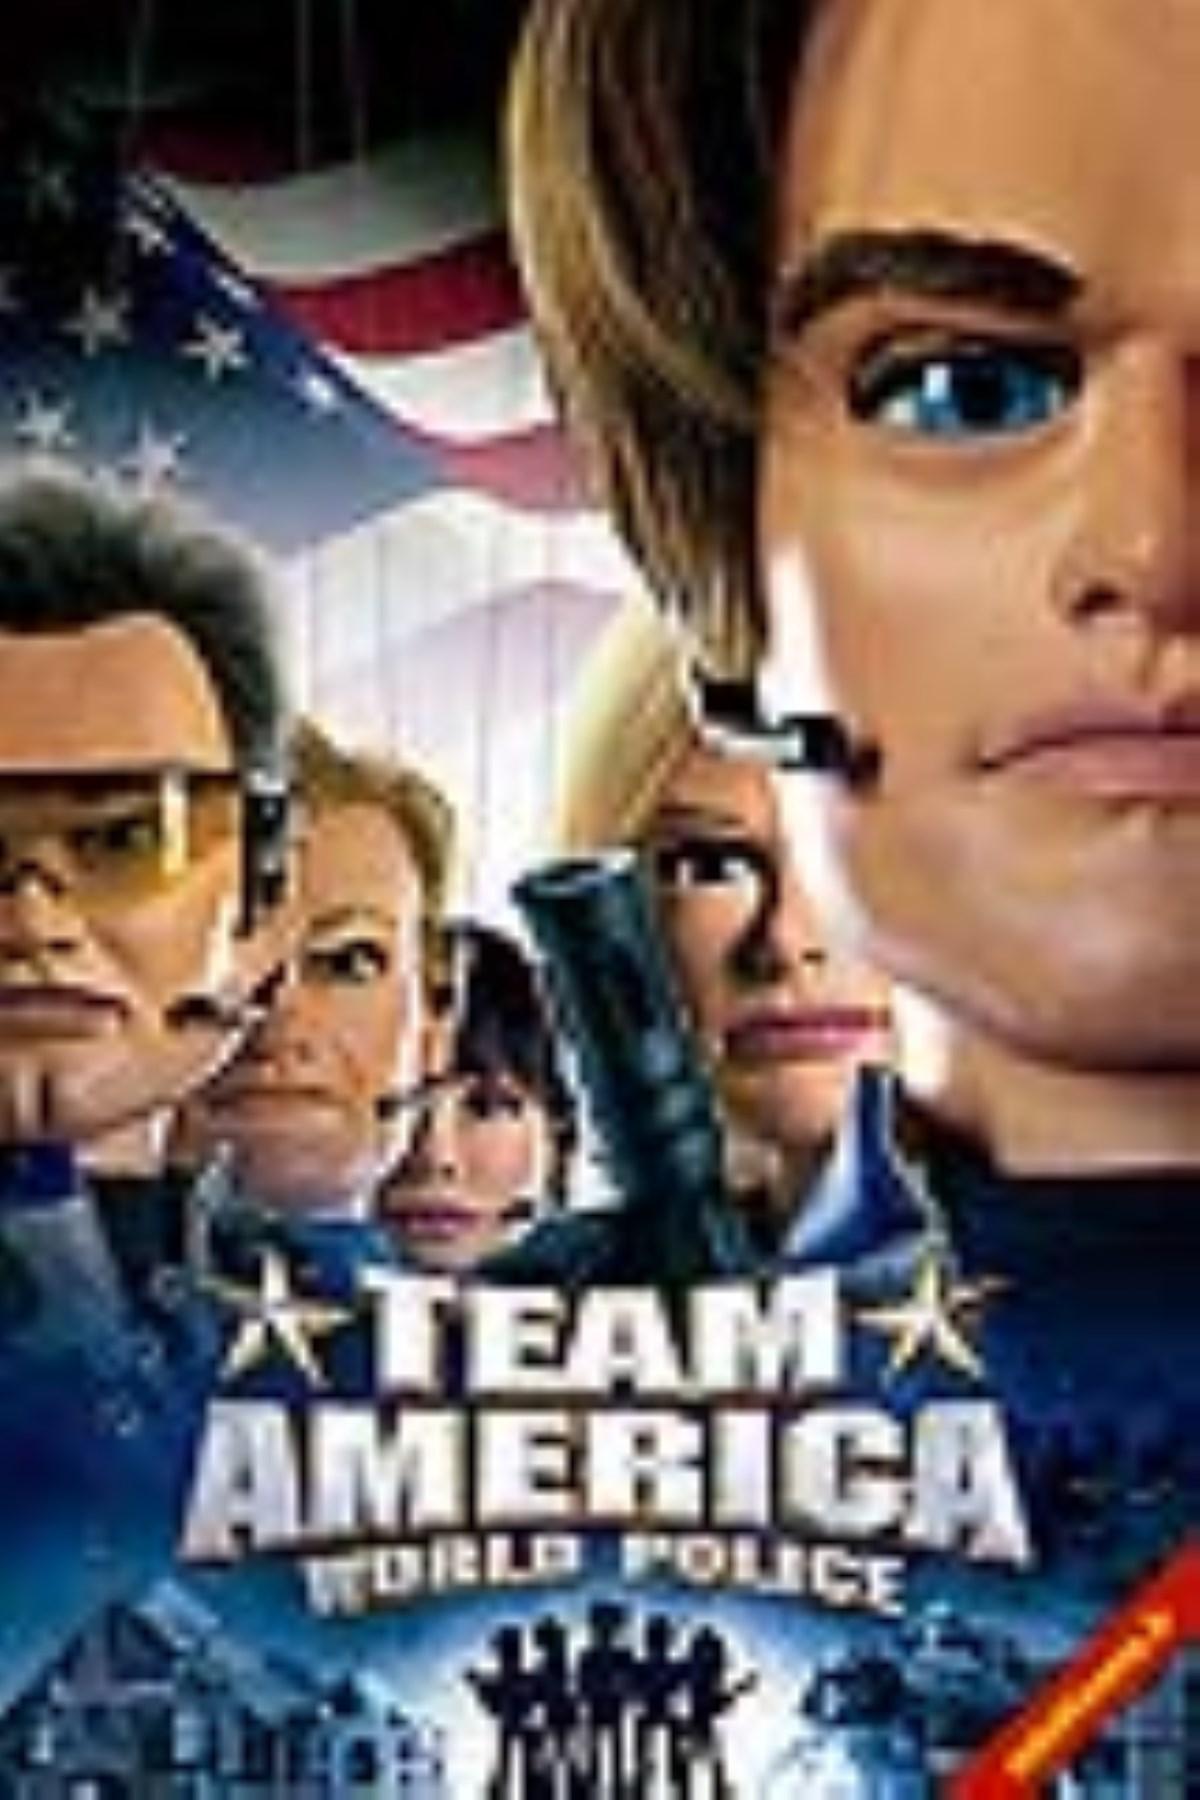 تیم آمریکایی: پلیس جهانی – Team America: World Police